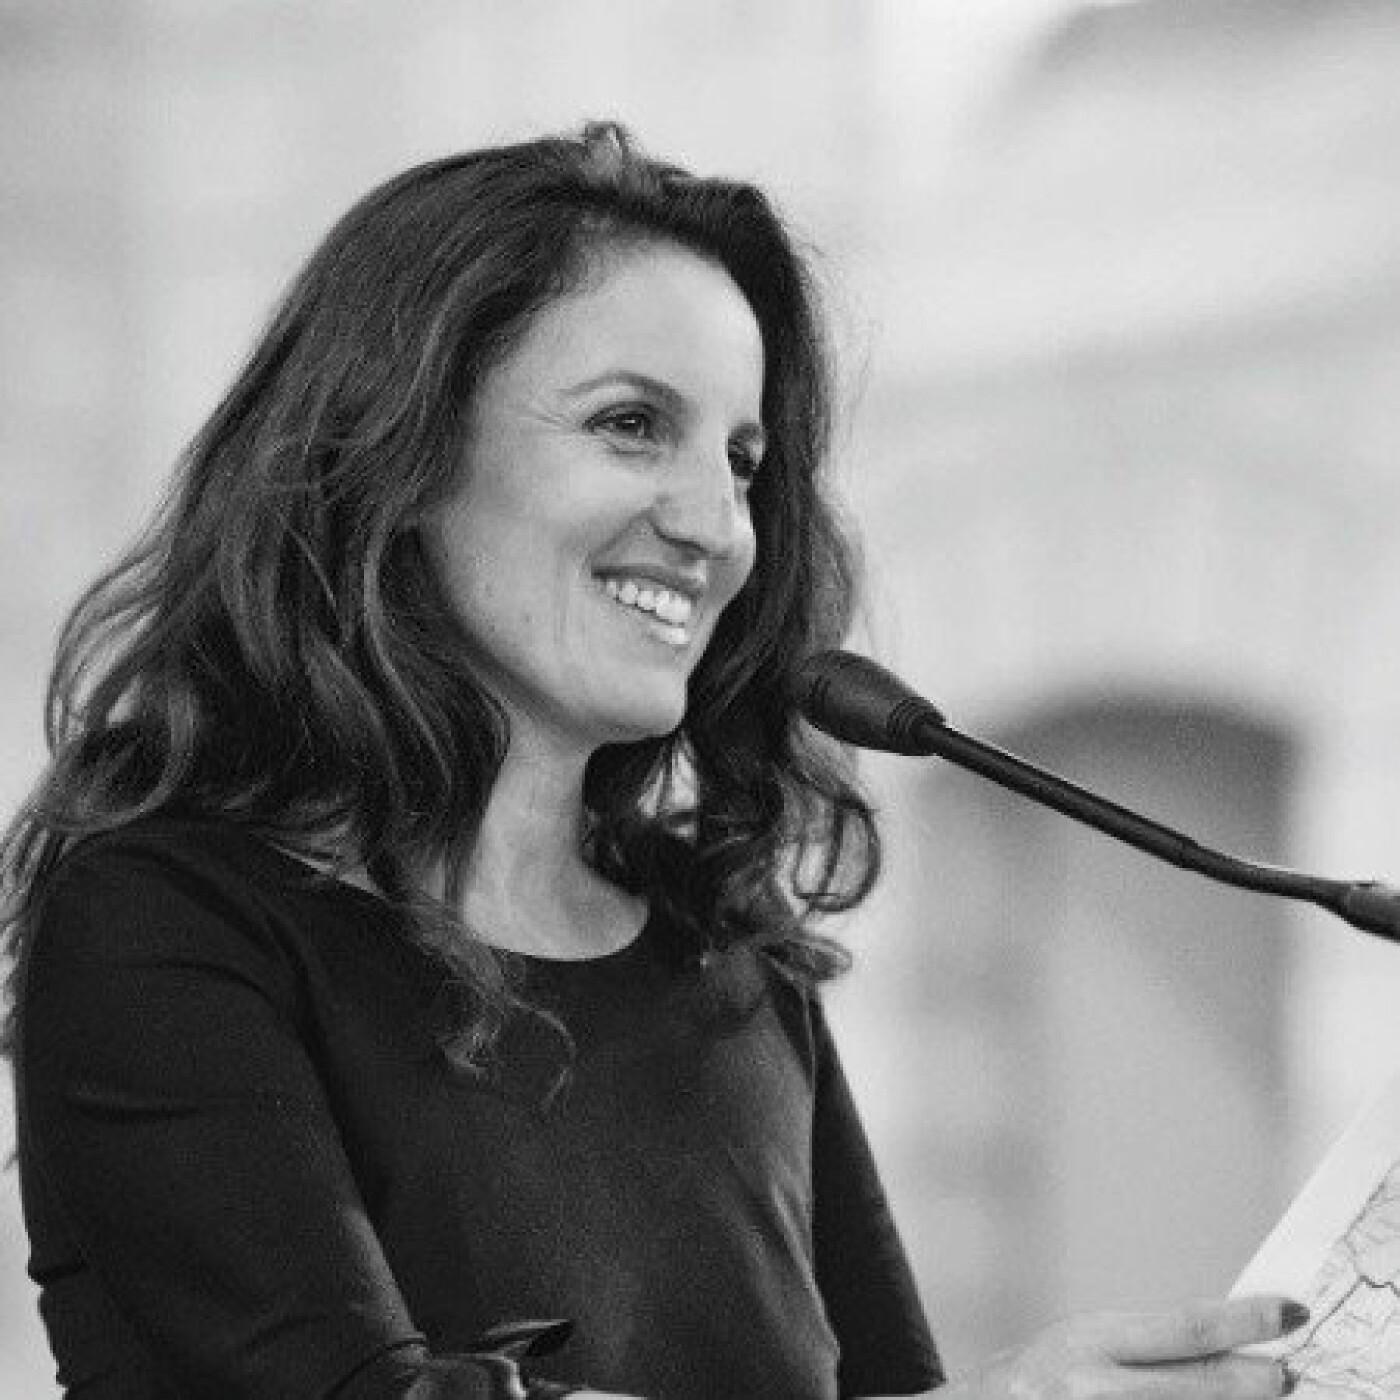 Sylvie présente sa société de gestion de patrimoine Maison Pregevole - 23 08 2021 - StereoChic Radio